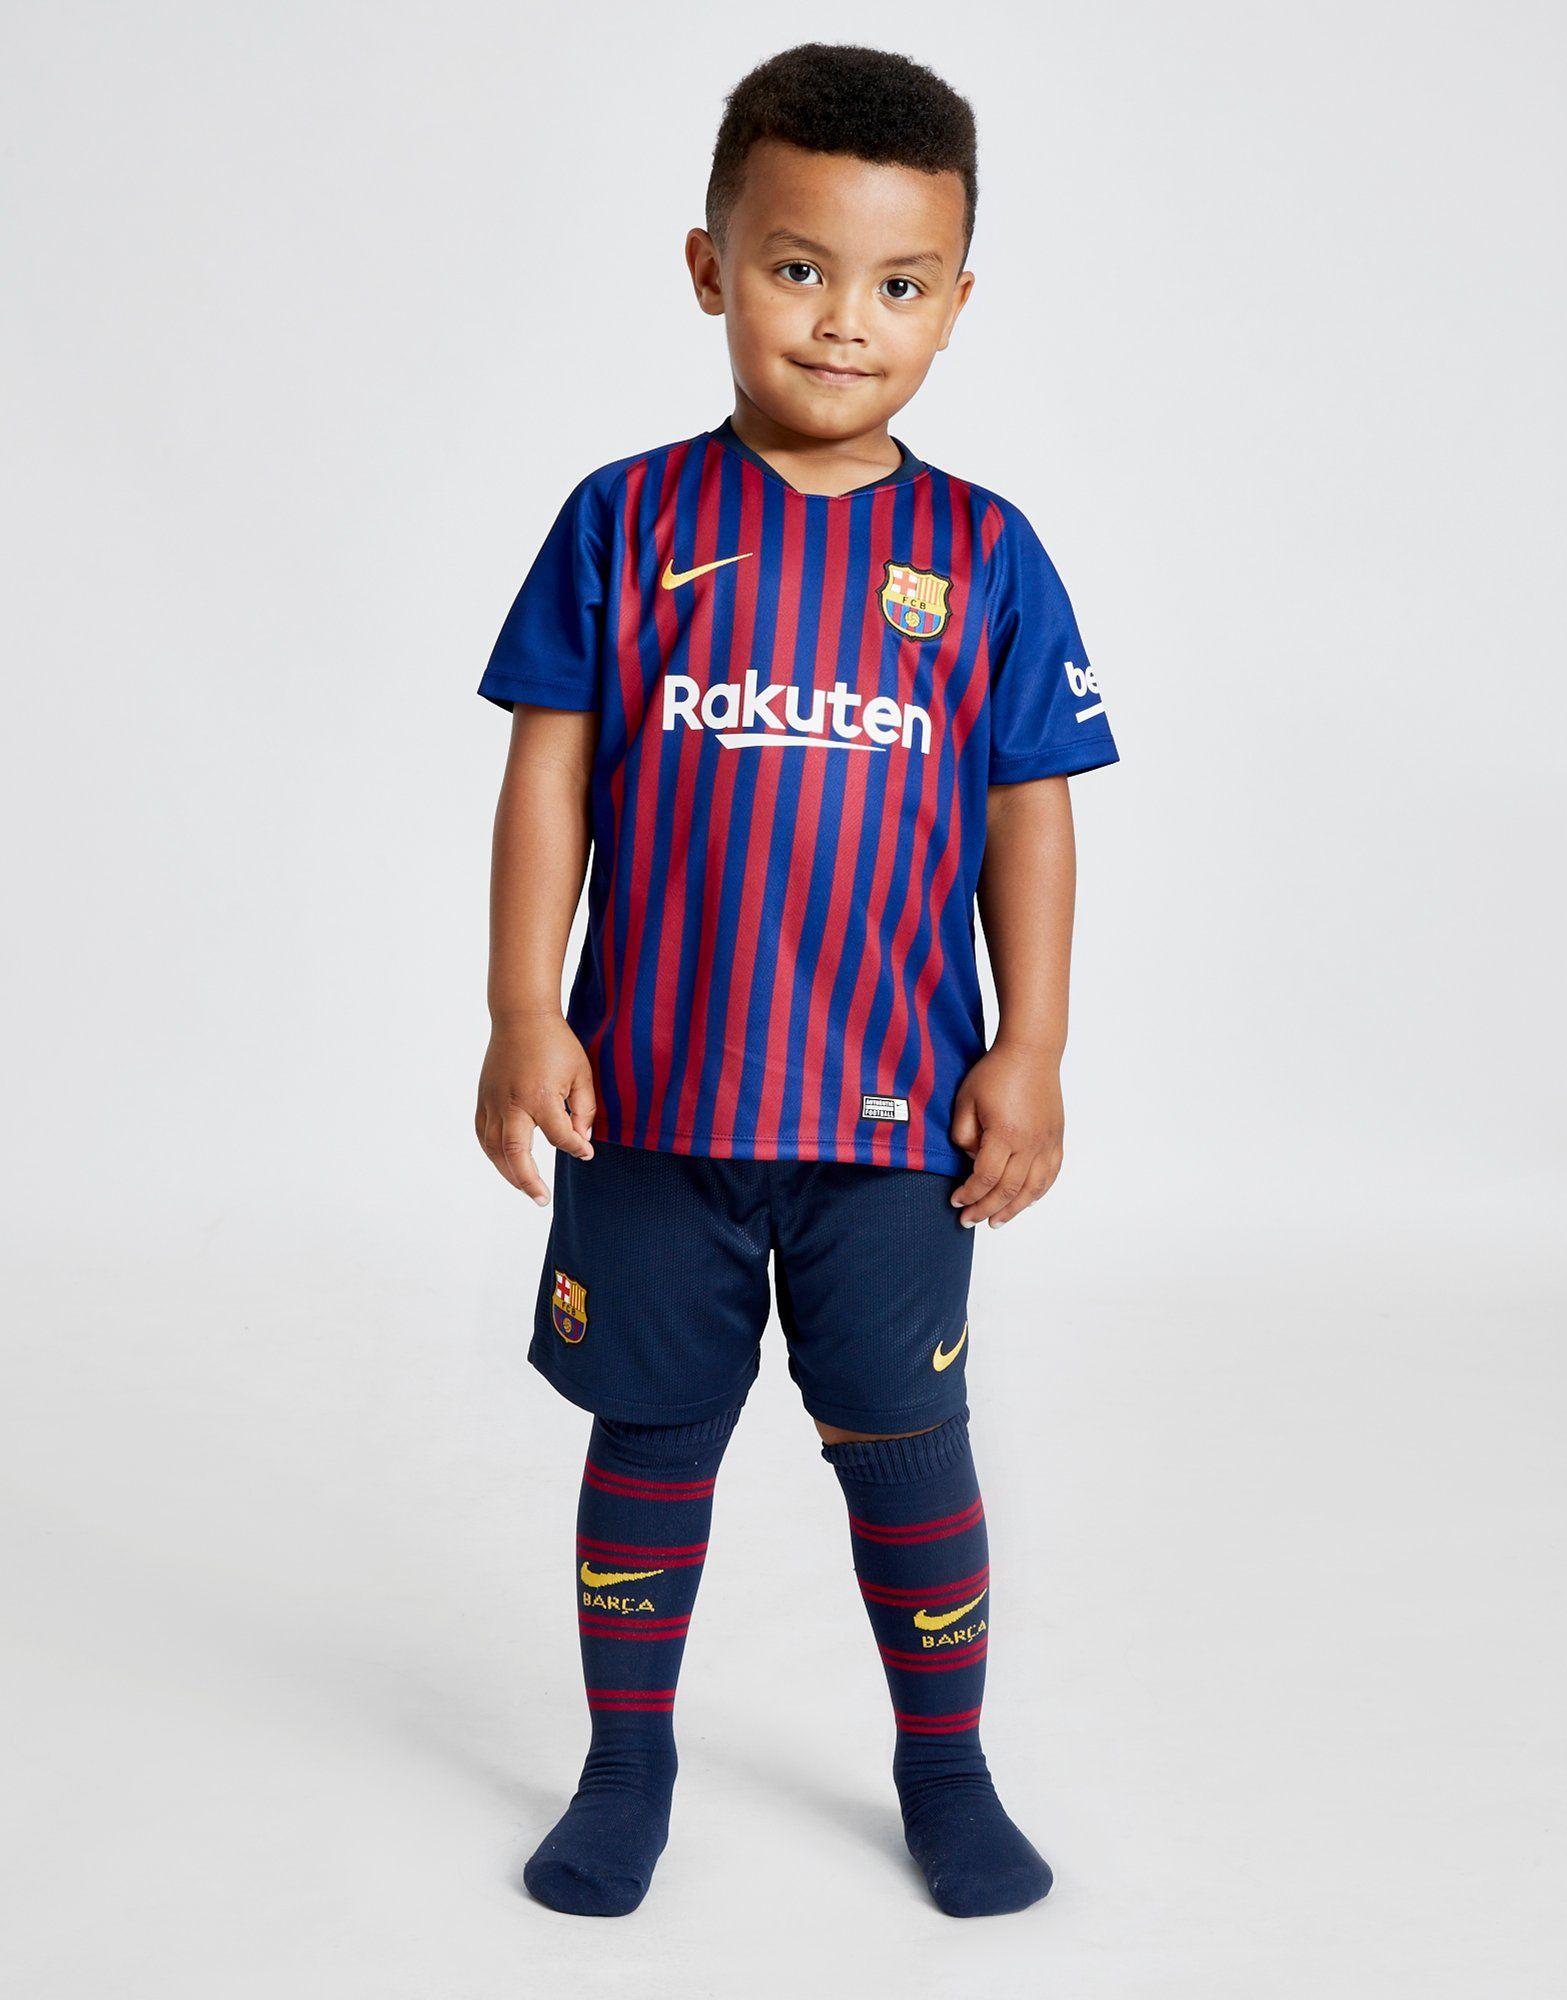 Nike FC Barcelona 2018 19 Home Kit Children  13a0bcd44